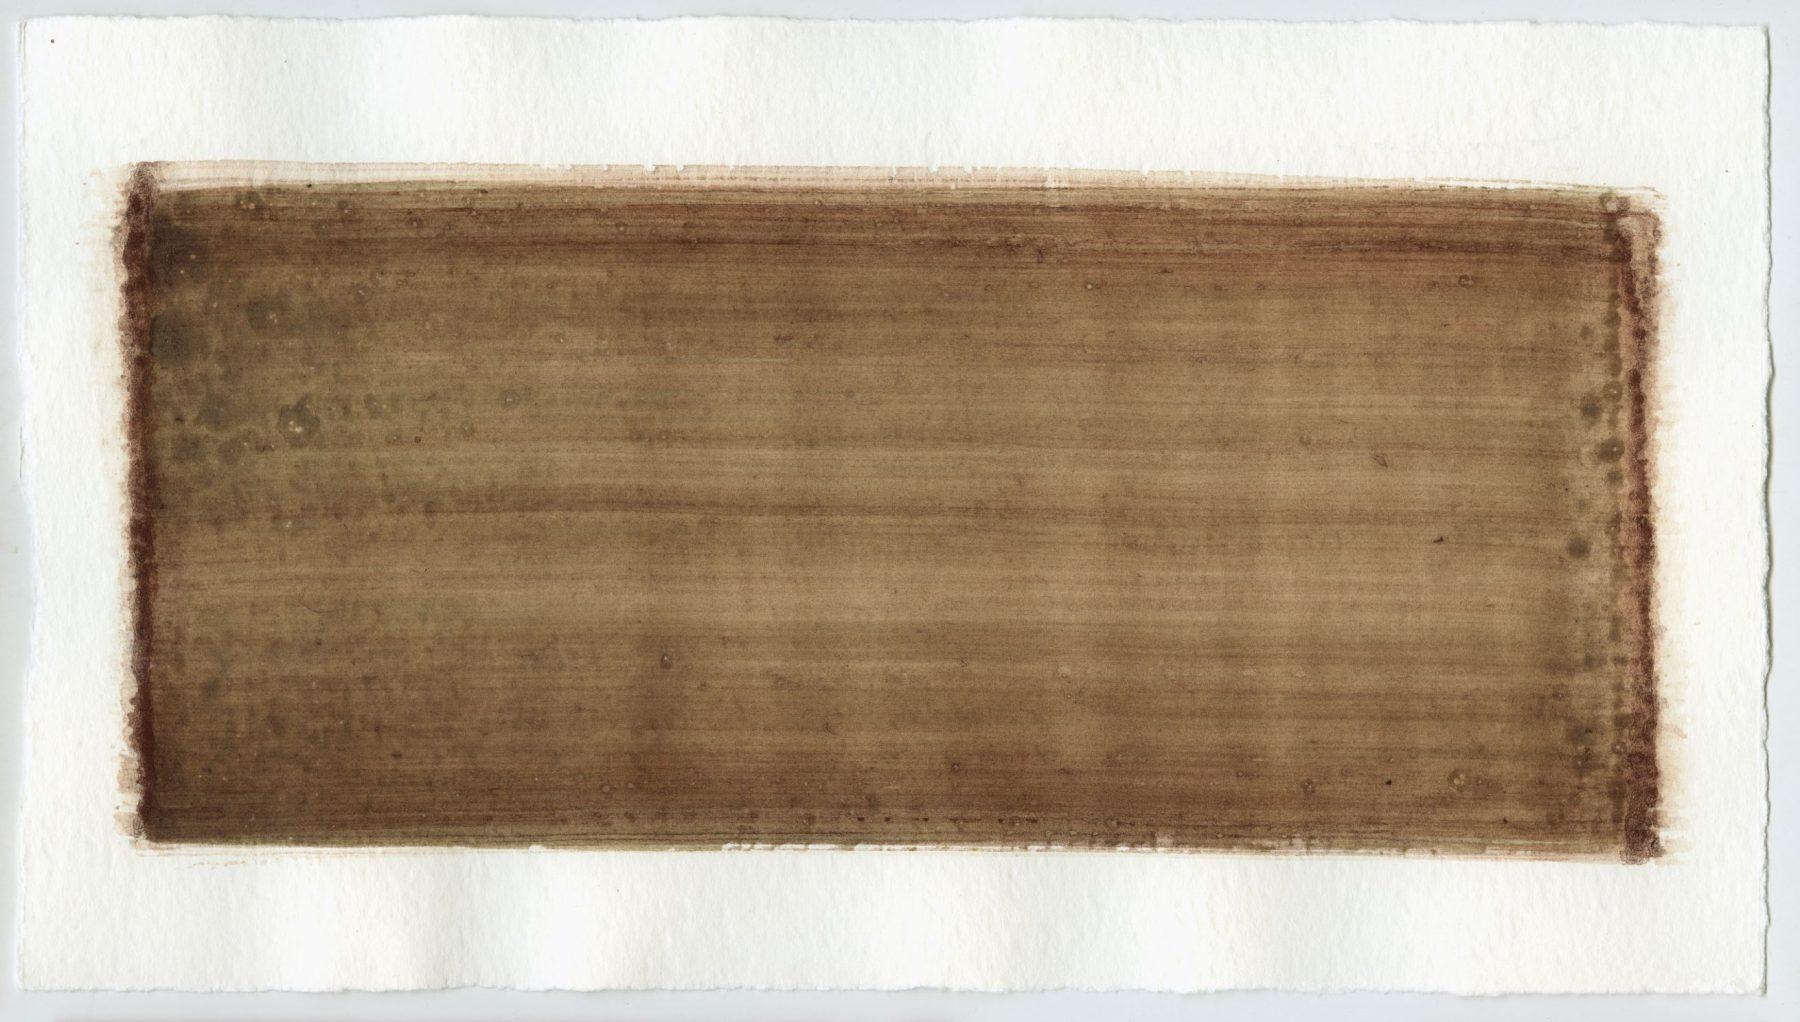 Brush stroke no. 105 - Selfmade pigment: IJzeroer gebrand, Boekels grijs